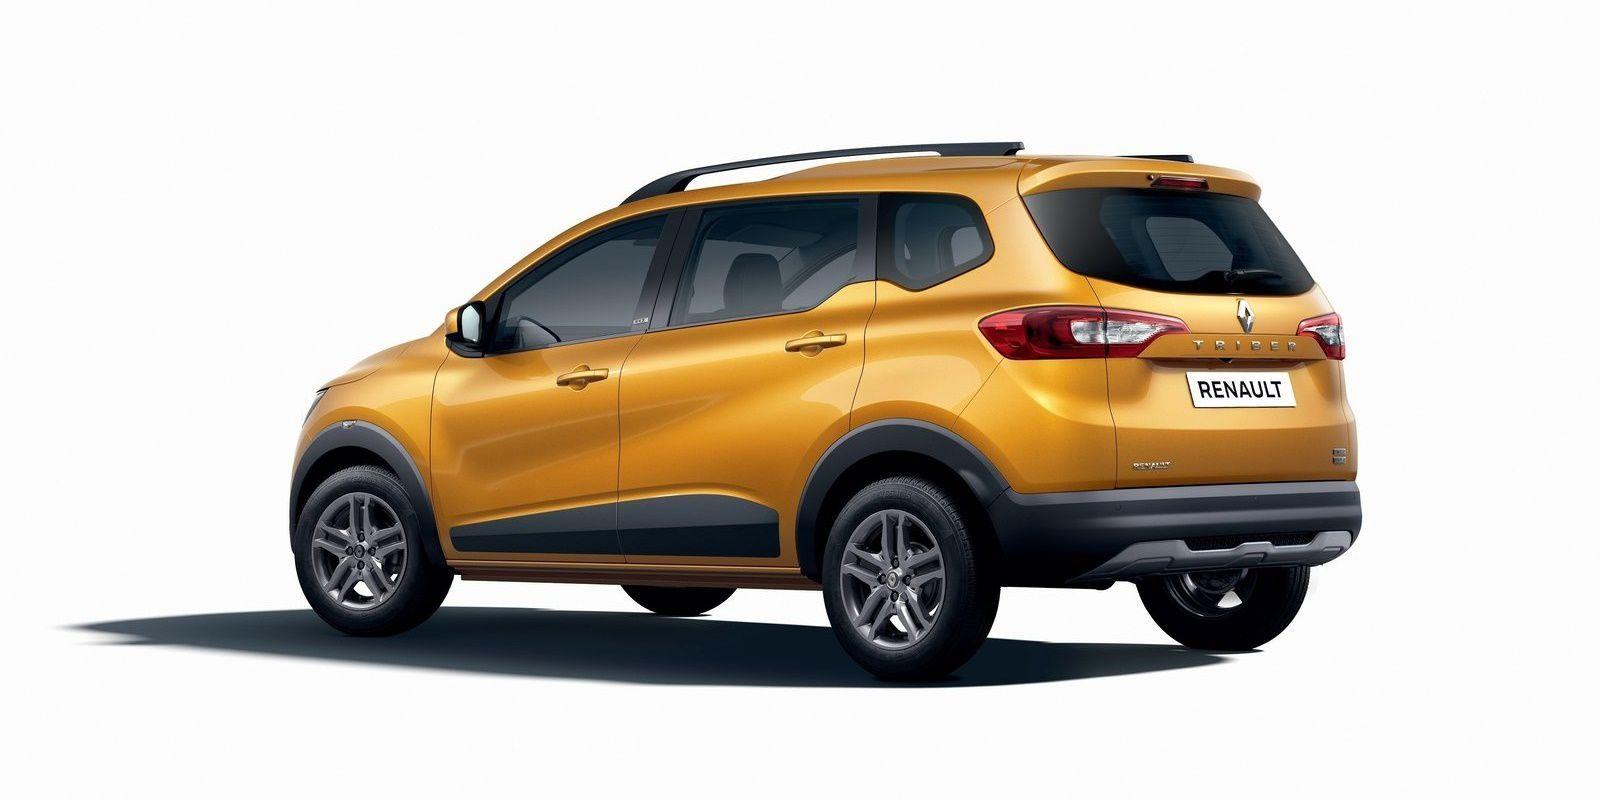 Filtrado El Renault Captur 2020 Sigue Los Pasos Del Nuevo Clio